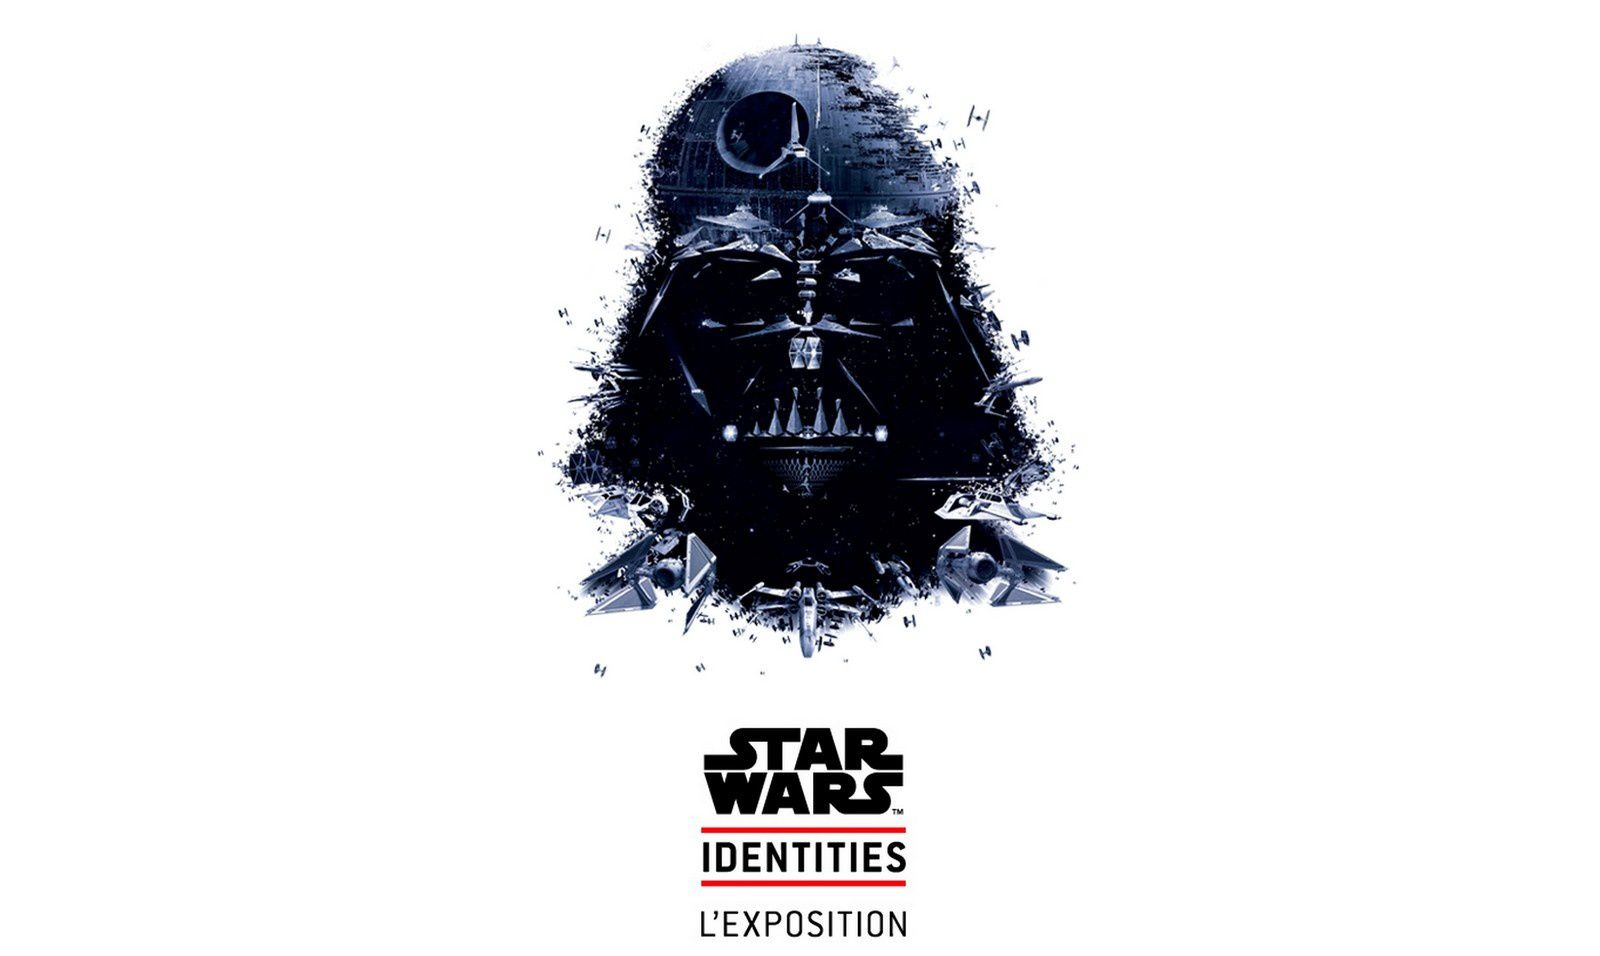 L'exposition Star Wars Identities est prolongée jusqu'au 5 octobre